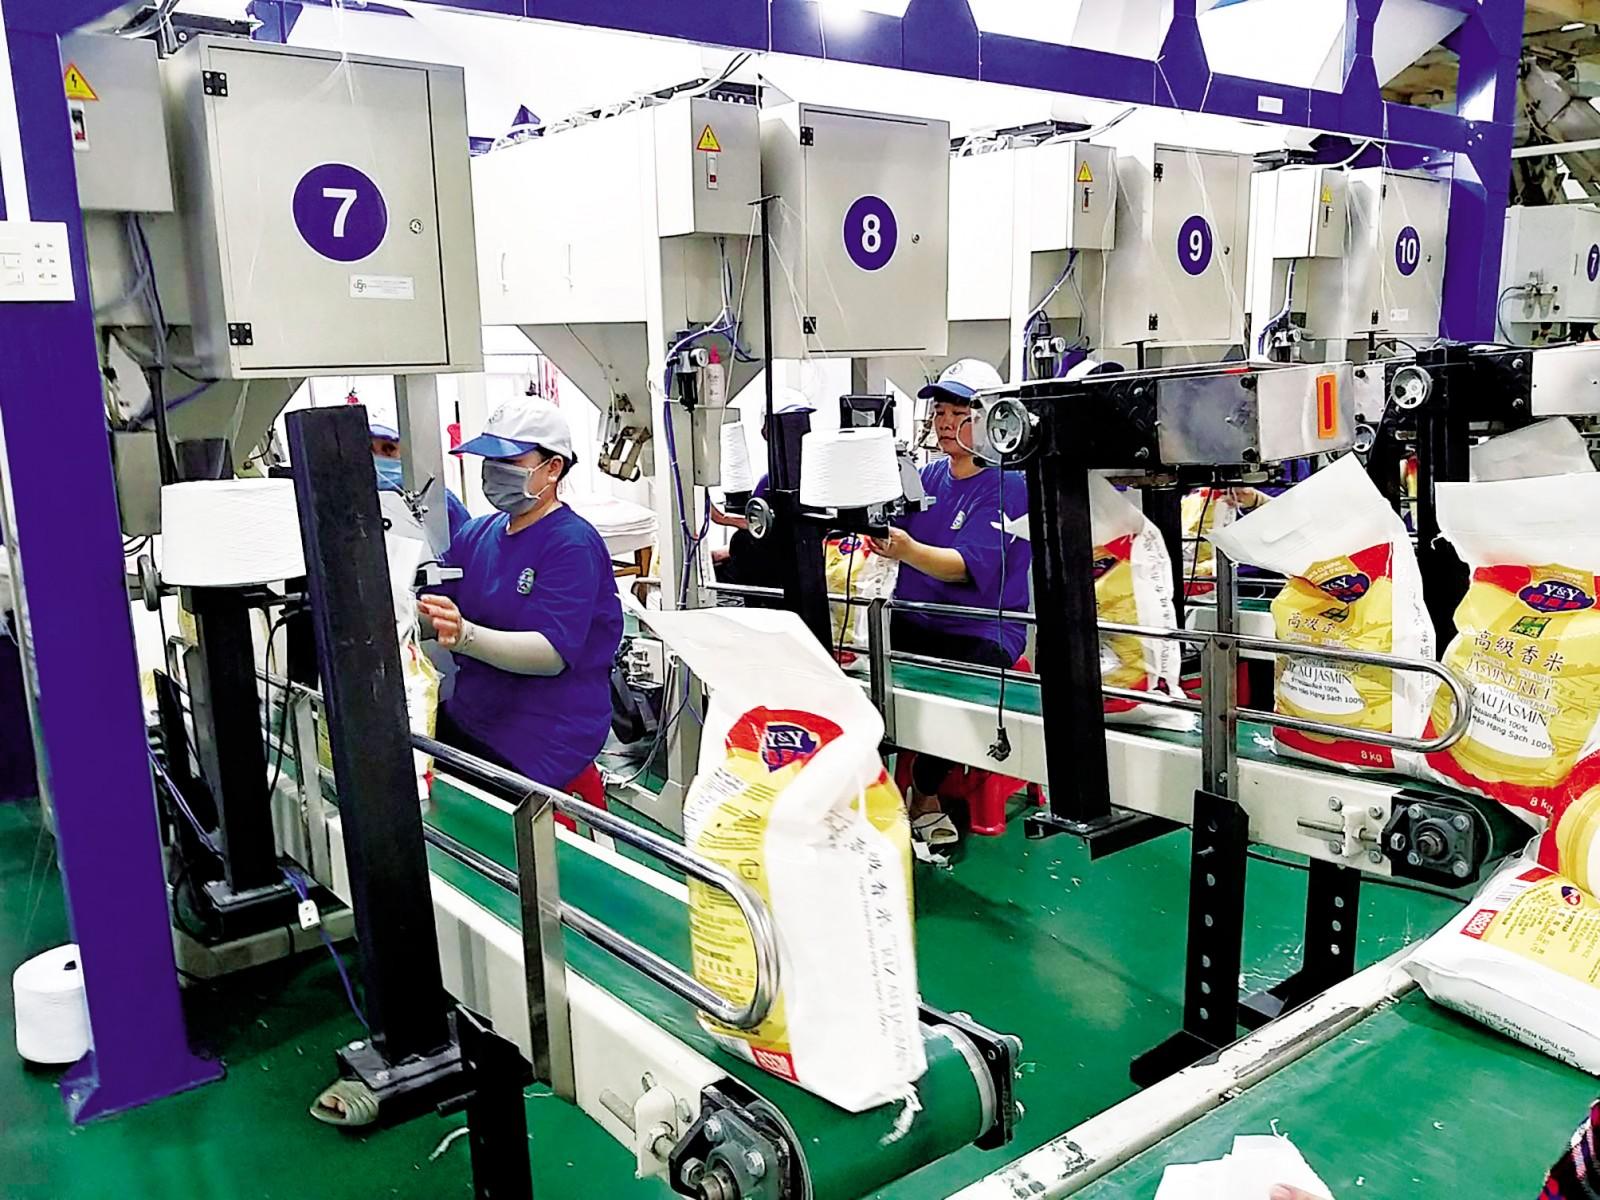 Khâu đóng bao bì gạo xuất khẩu của Công ty Cổ phần Nông nghiệp công nghệ cao Trung An. Ảnh: MINH HUYỀN